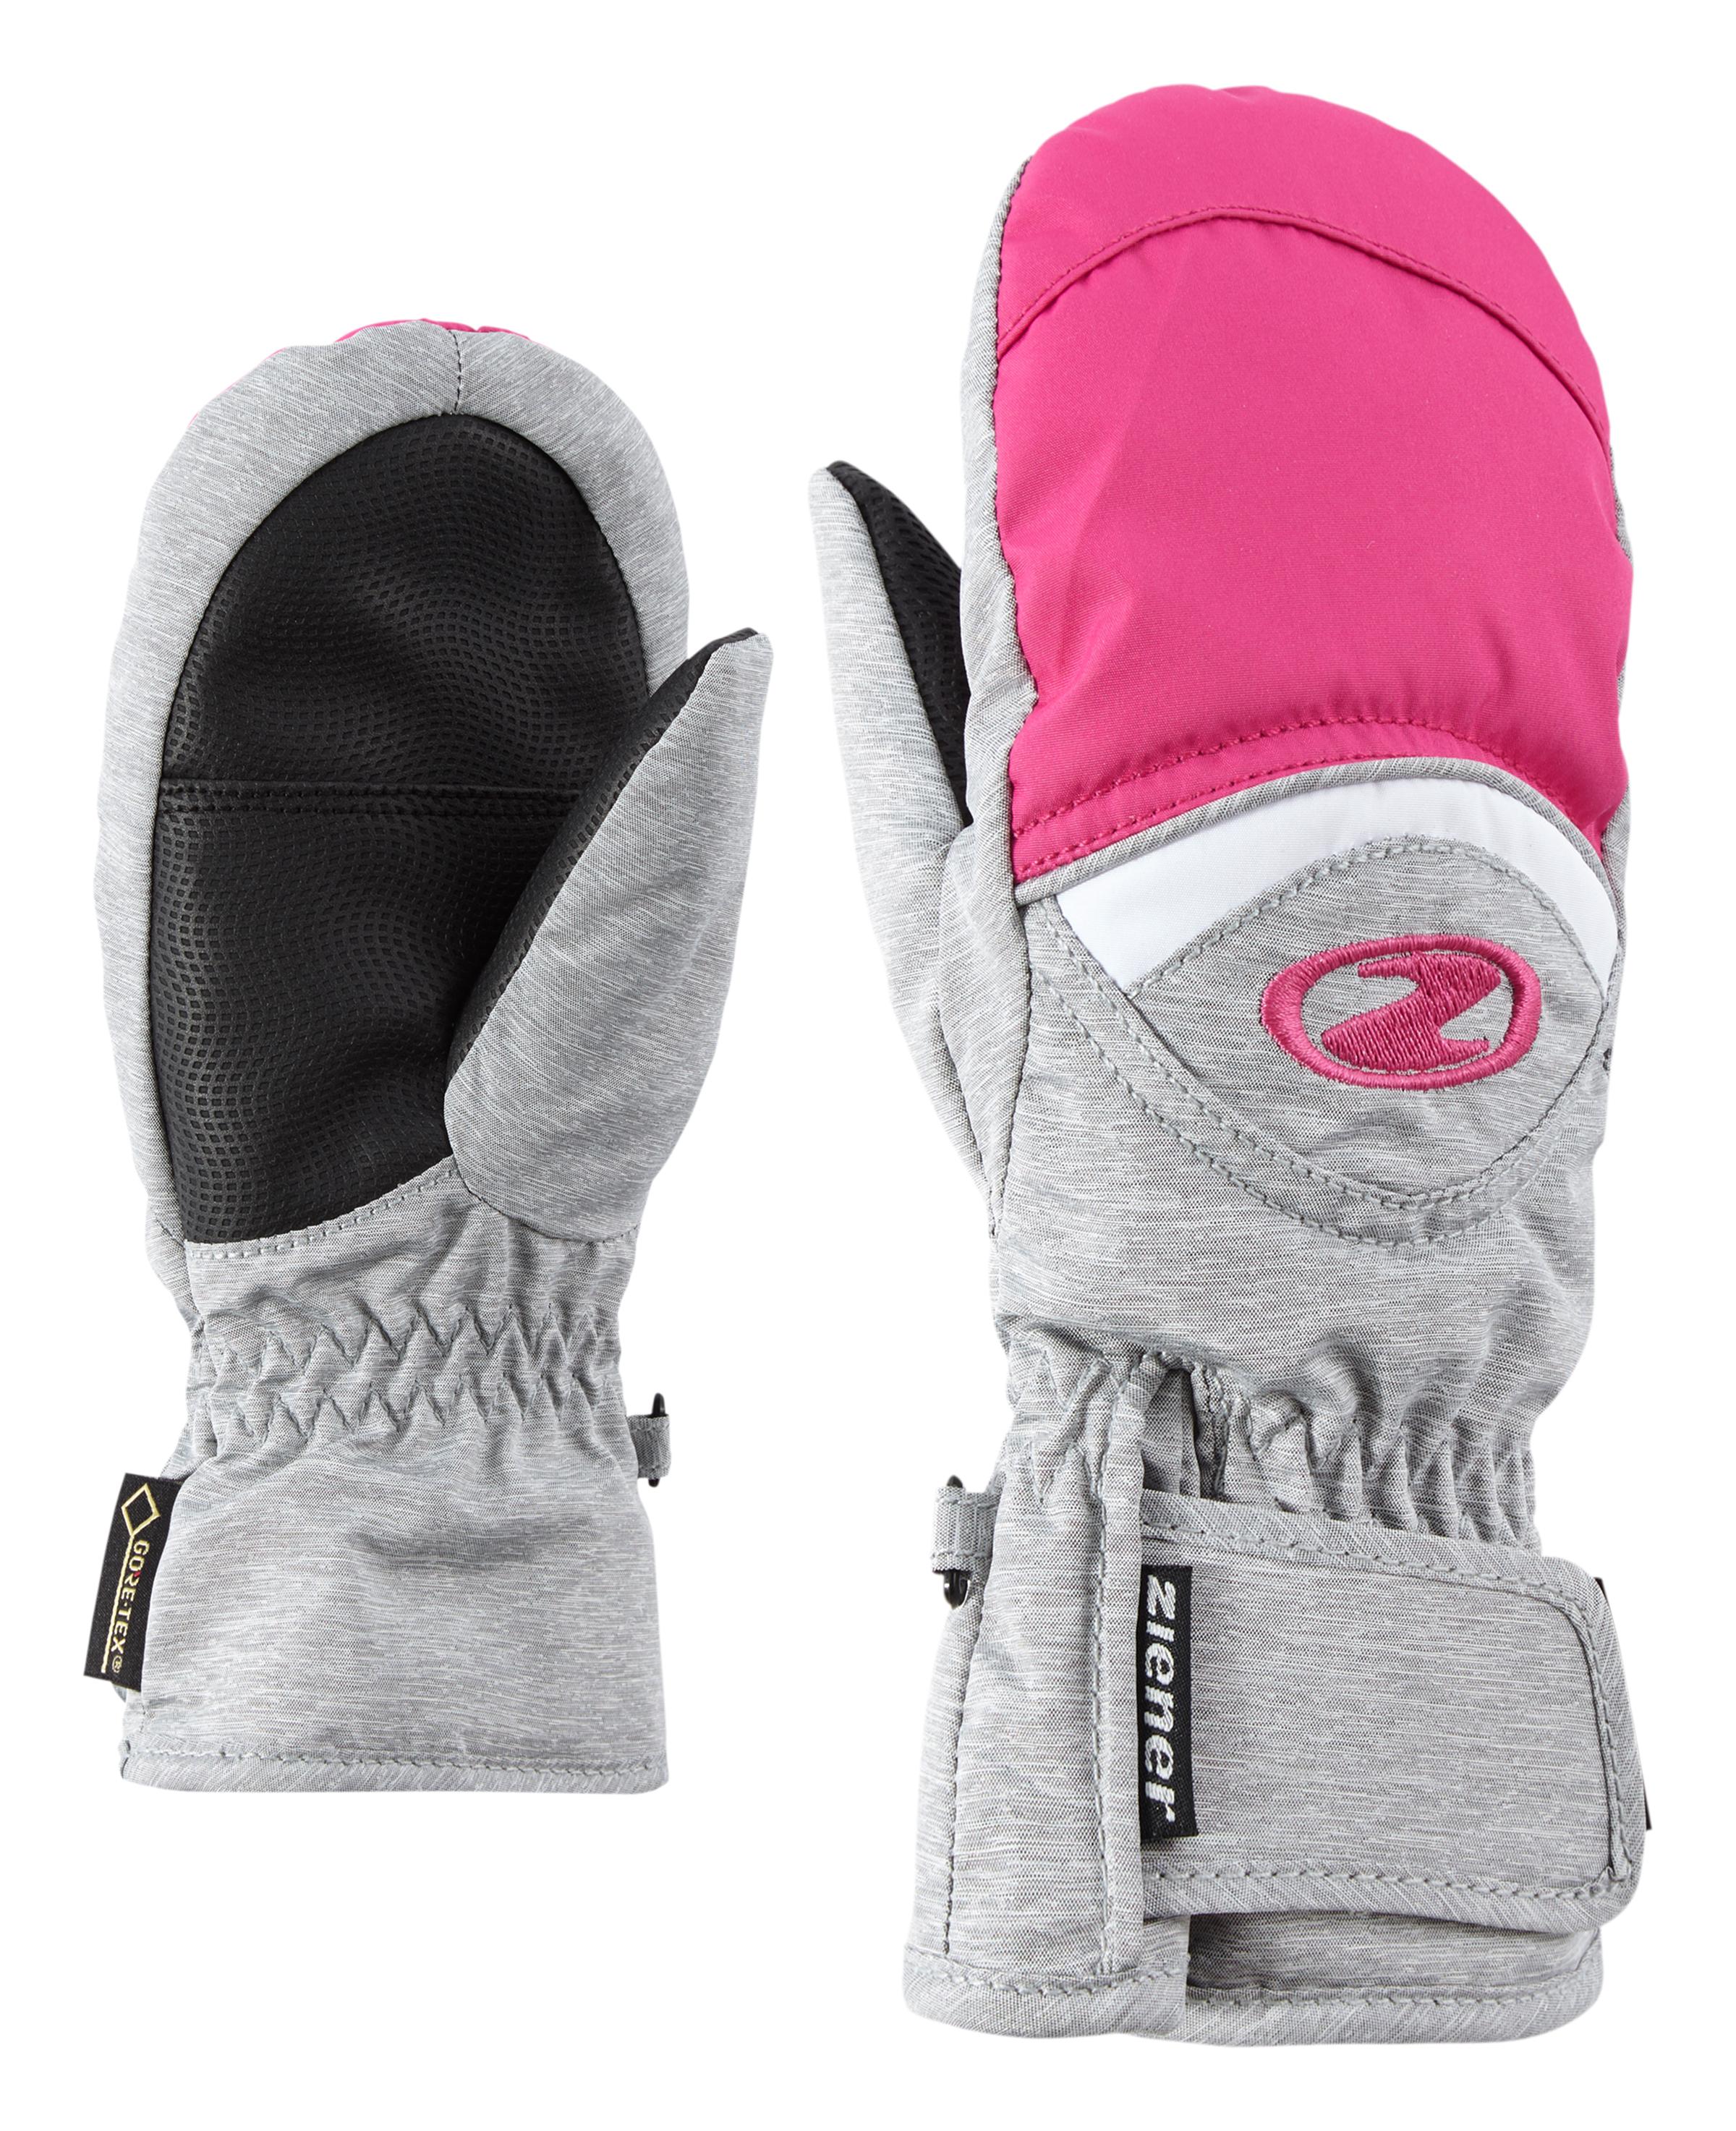 Ziener LISBO GTX® MITTEN JUNIOR, otroške smučarske rokavice, siva